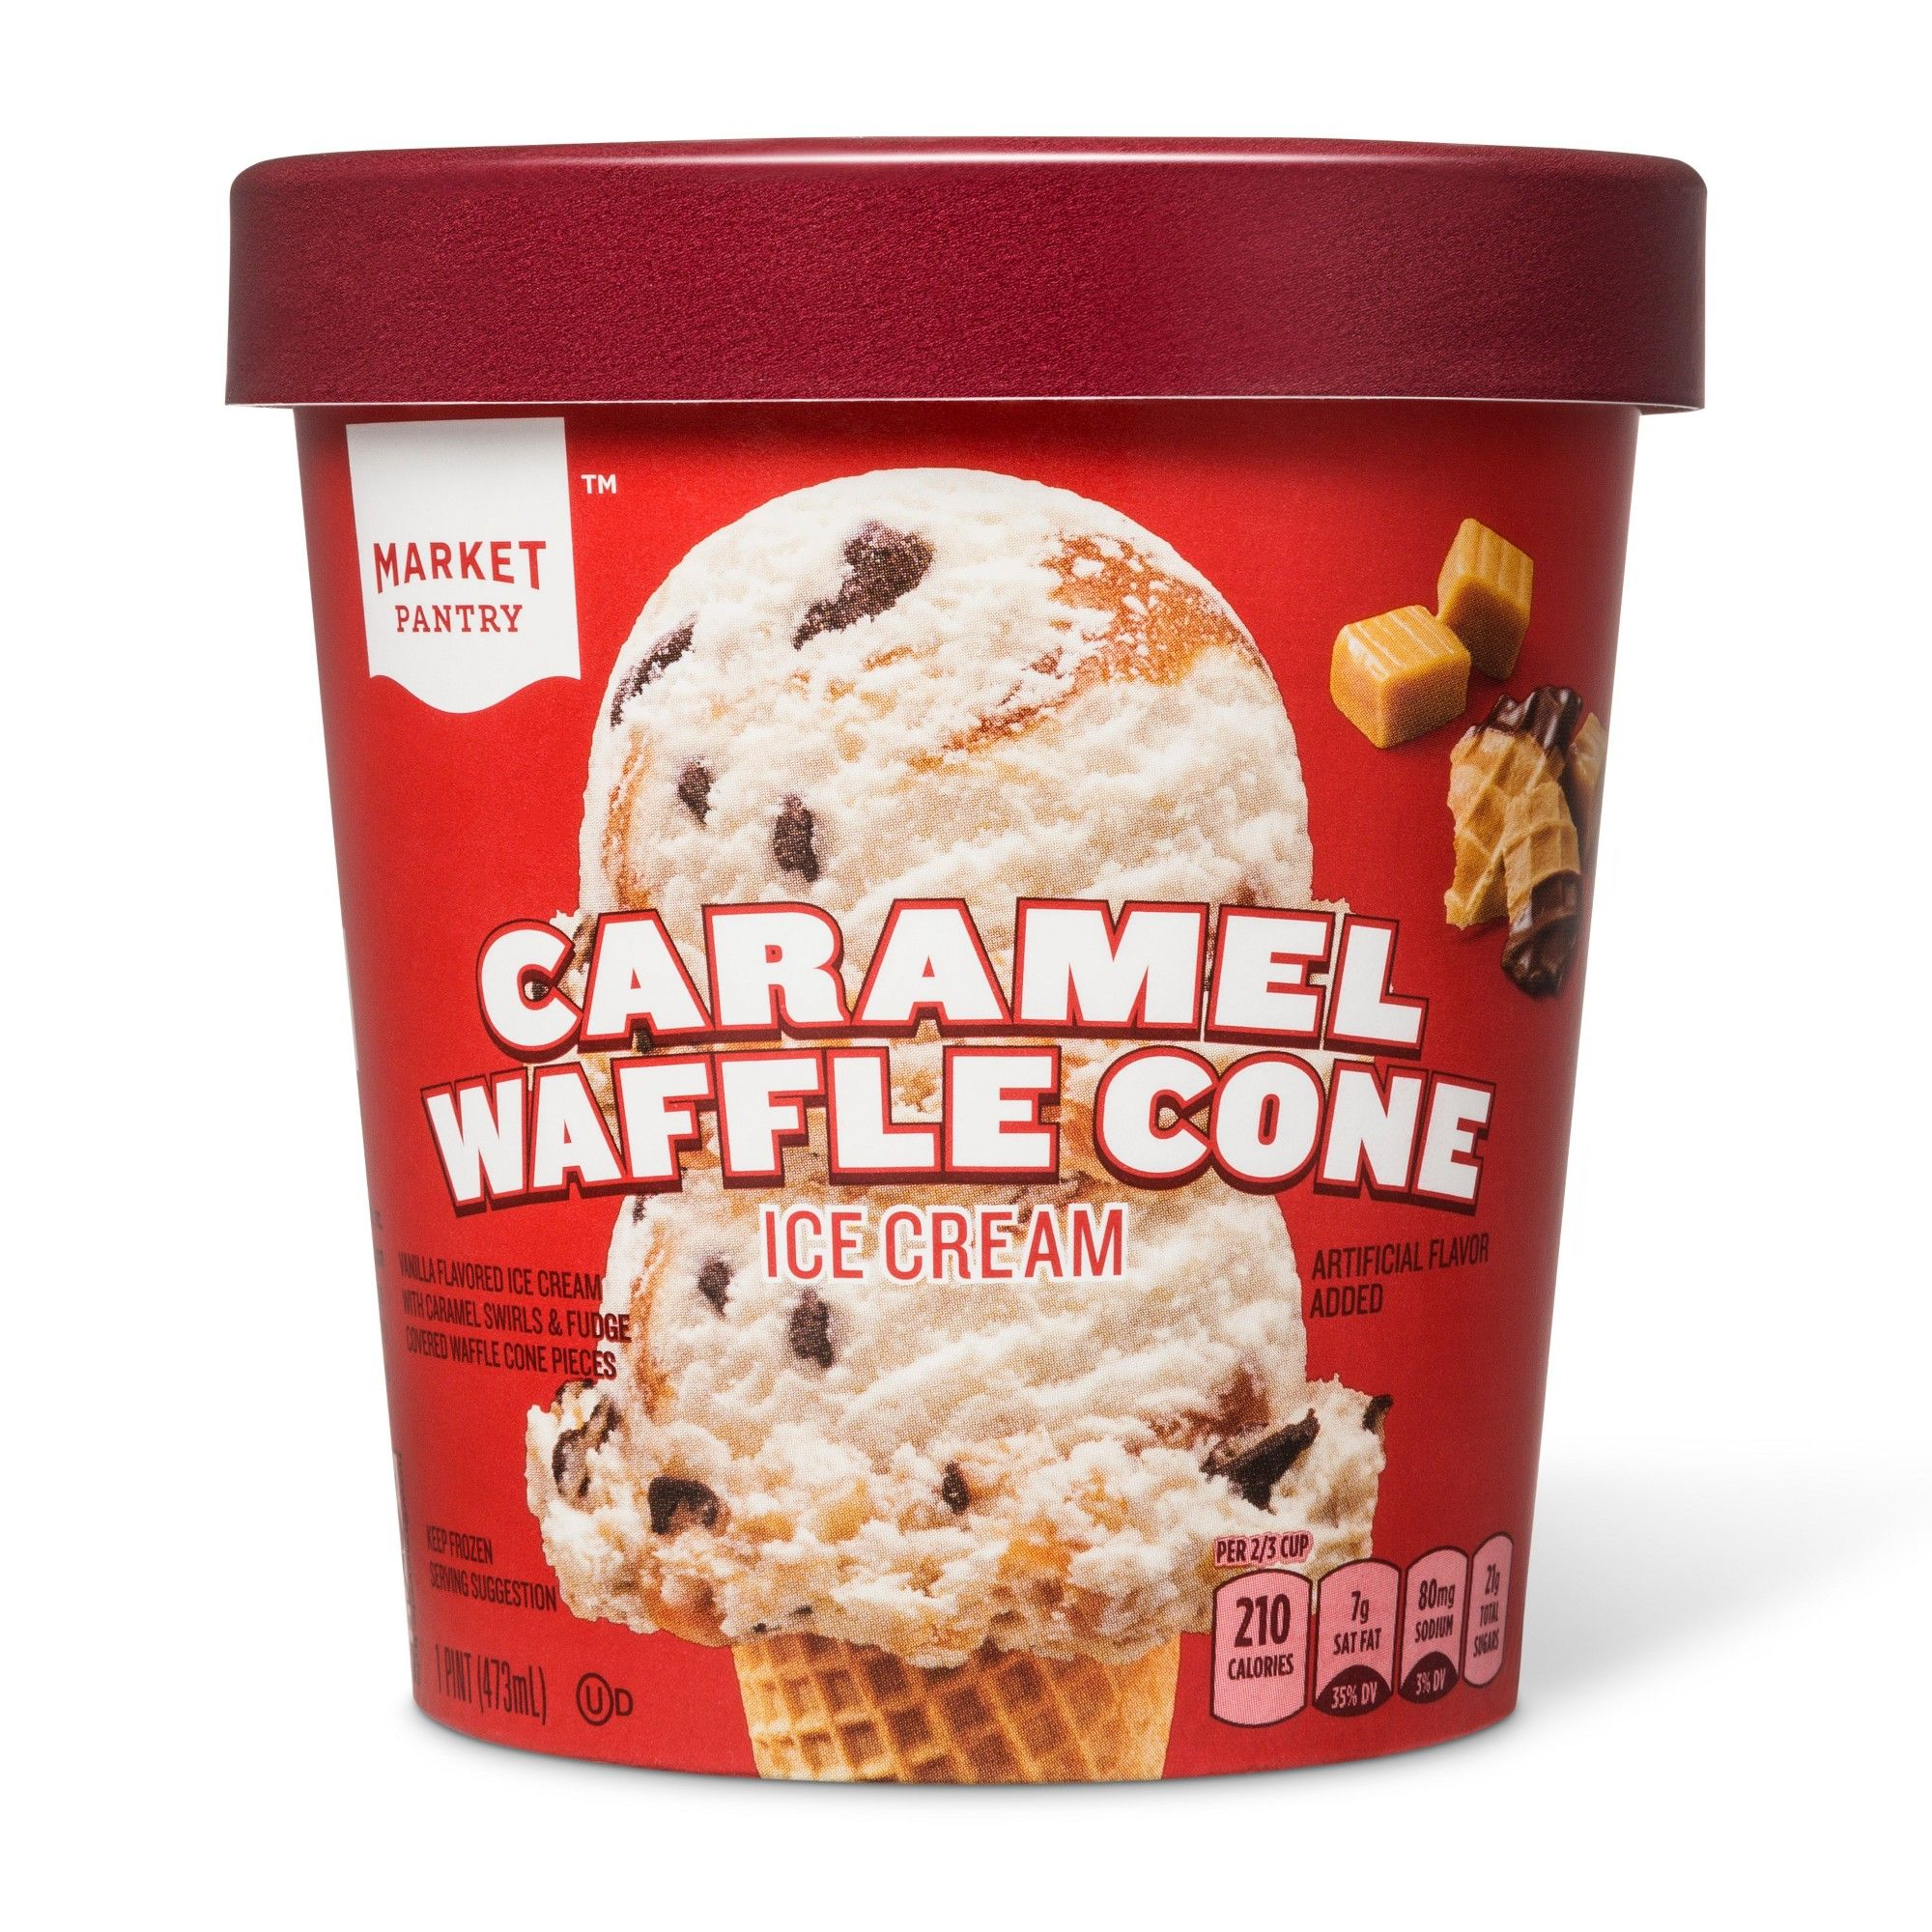 Caramel Waffle Cone Ice Cream 16oz Market Pantry Caramel